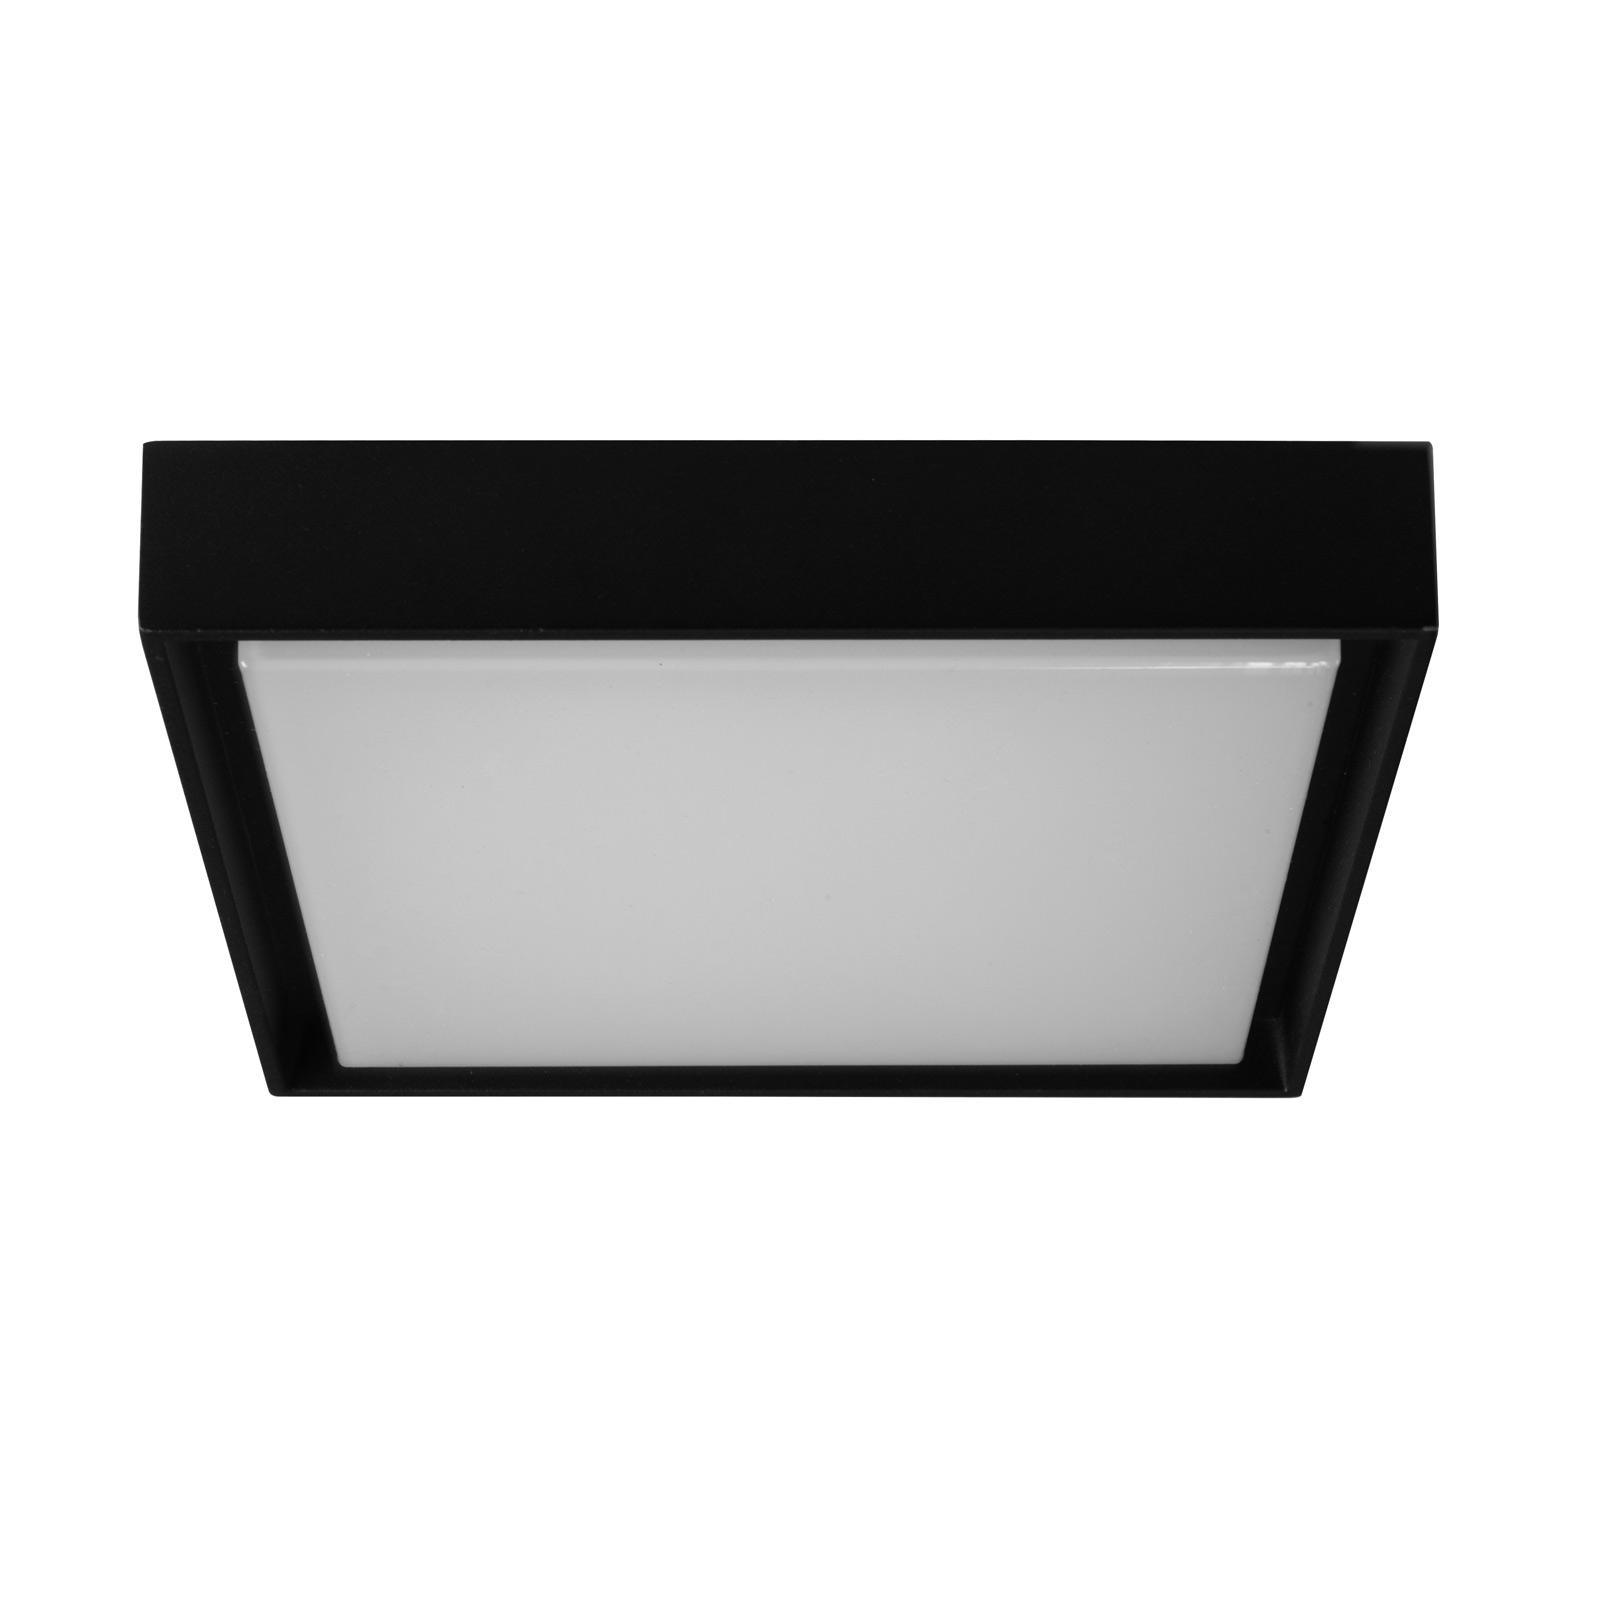 BRUMBERG 60108 LED-Deckenleuchte, quadratisch